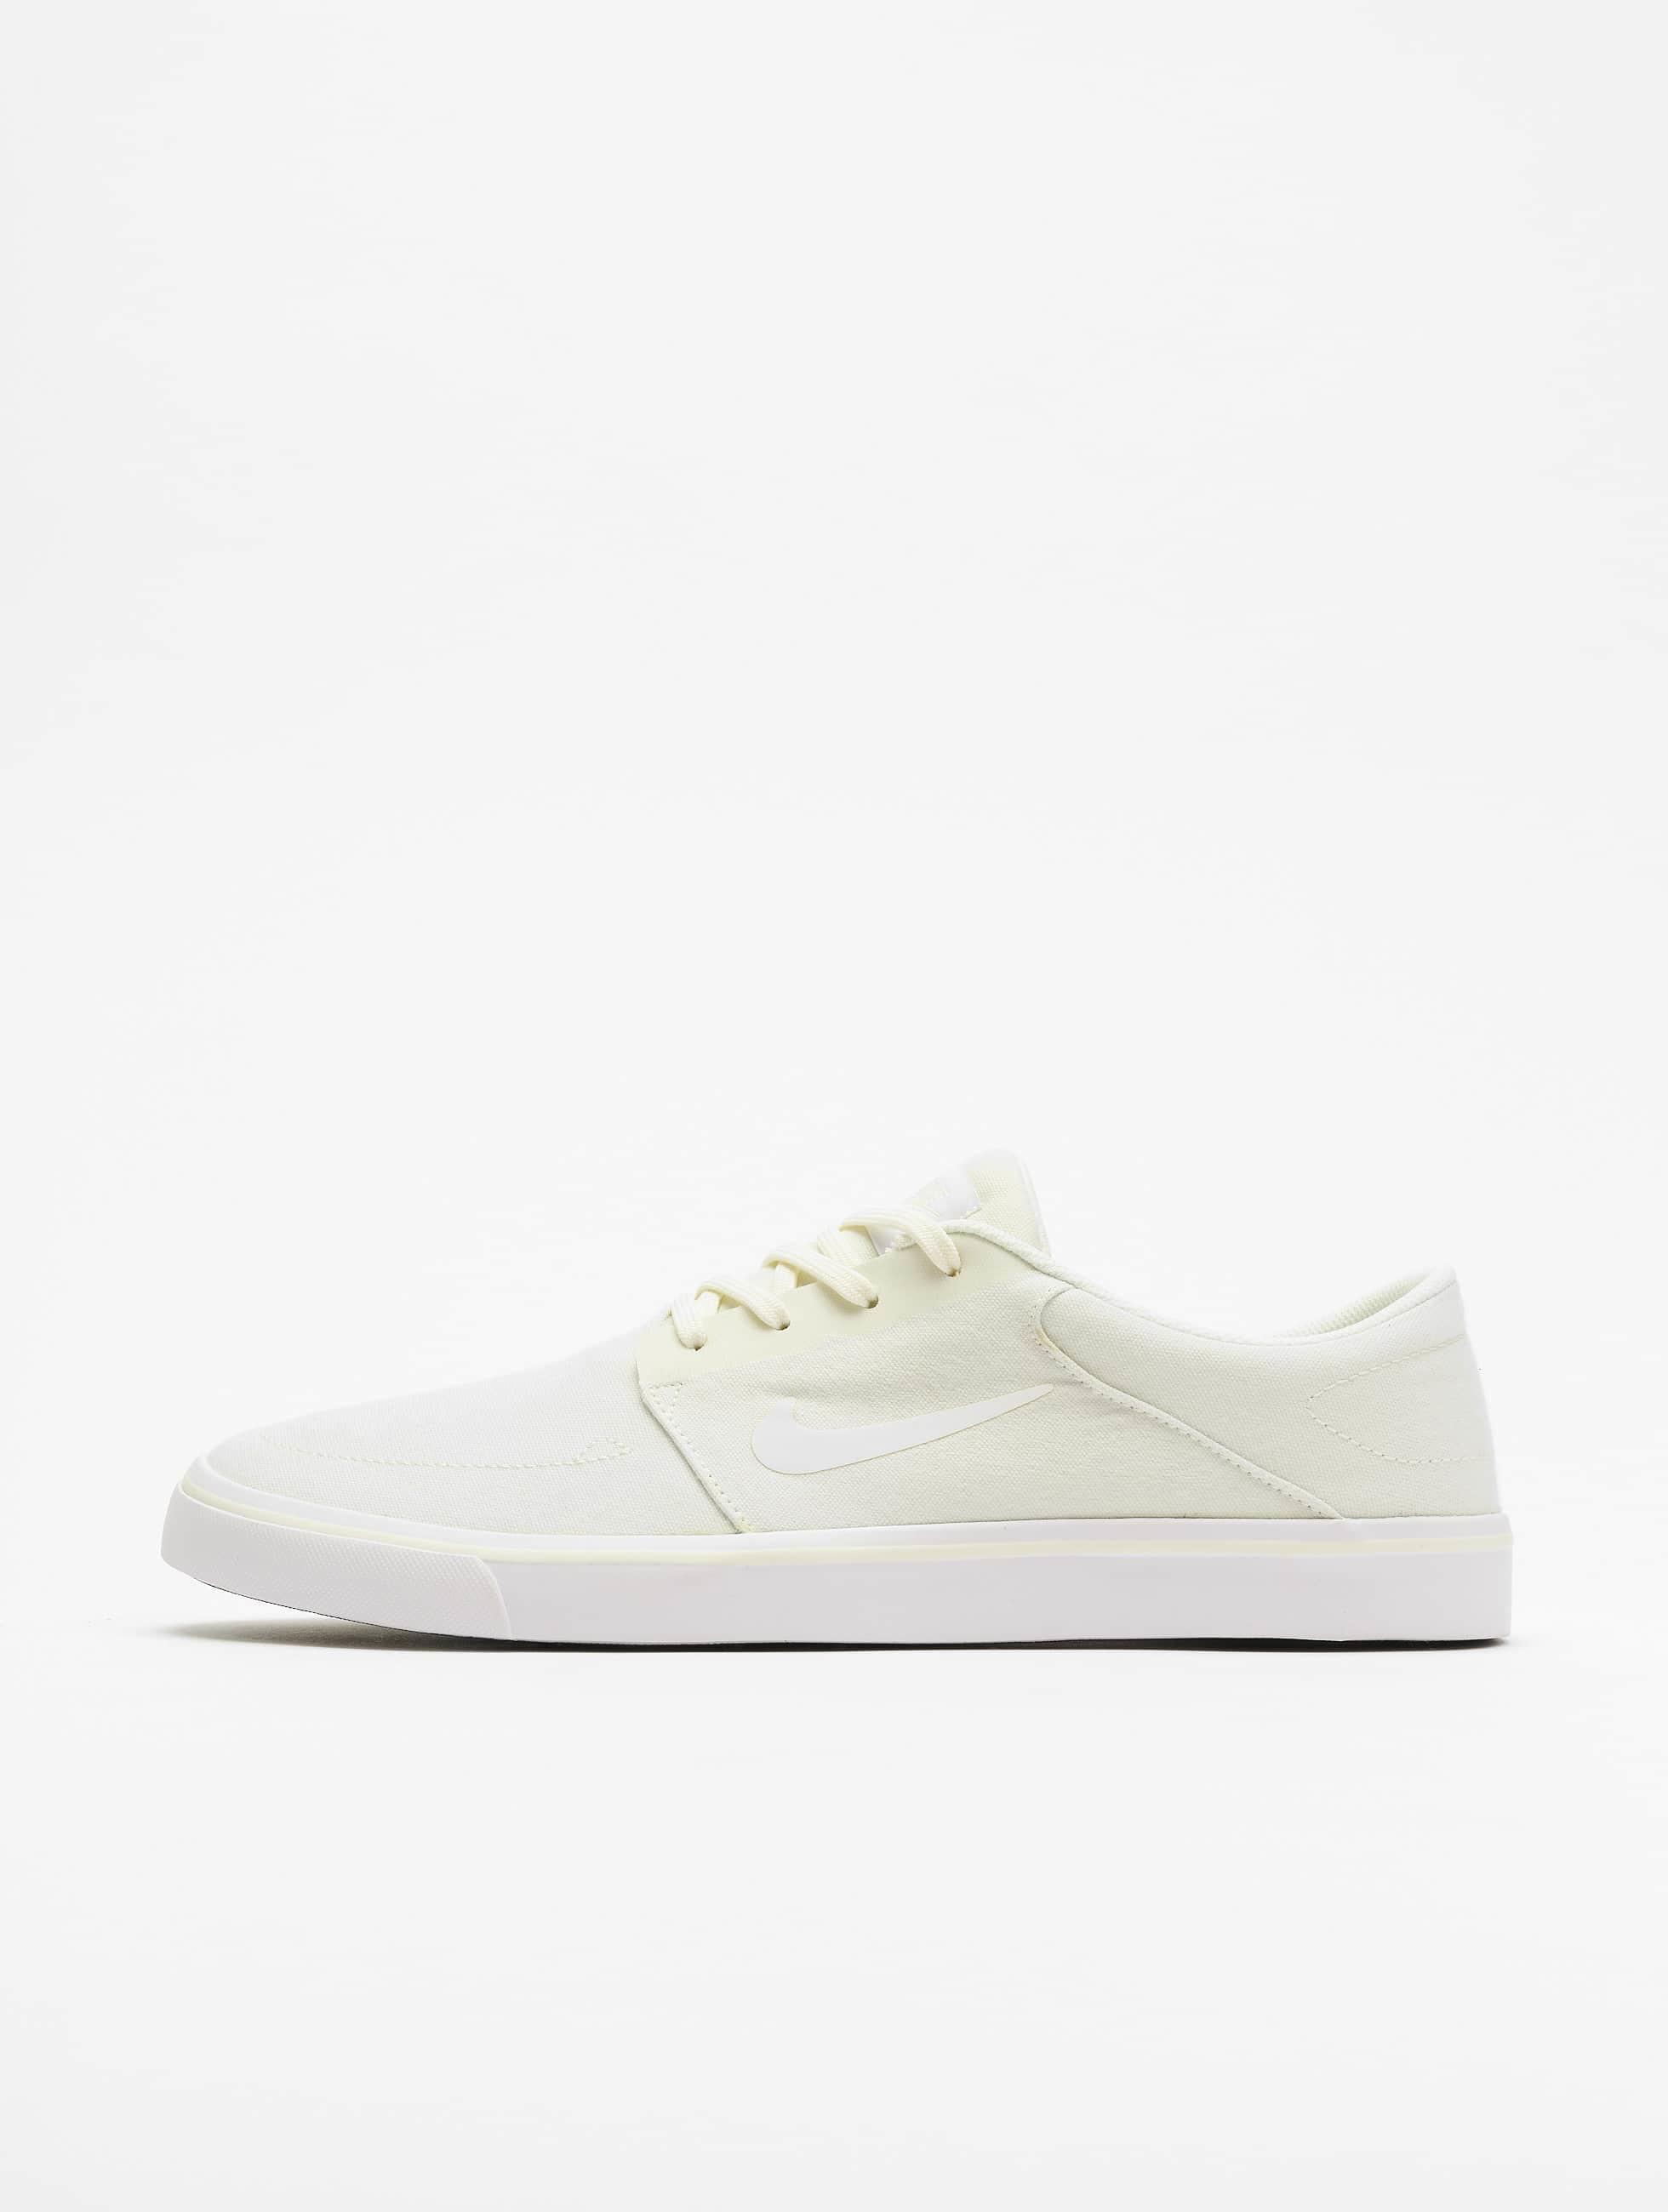 Nike Sb Herren Sneaker Portmore Canvas In Beige 296362